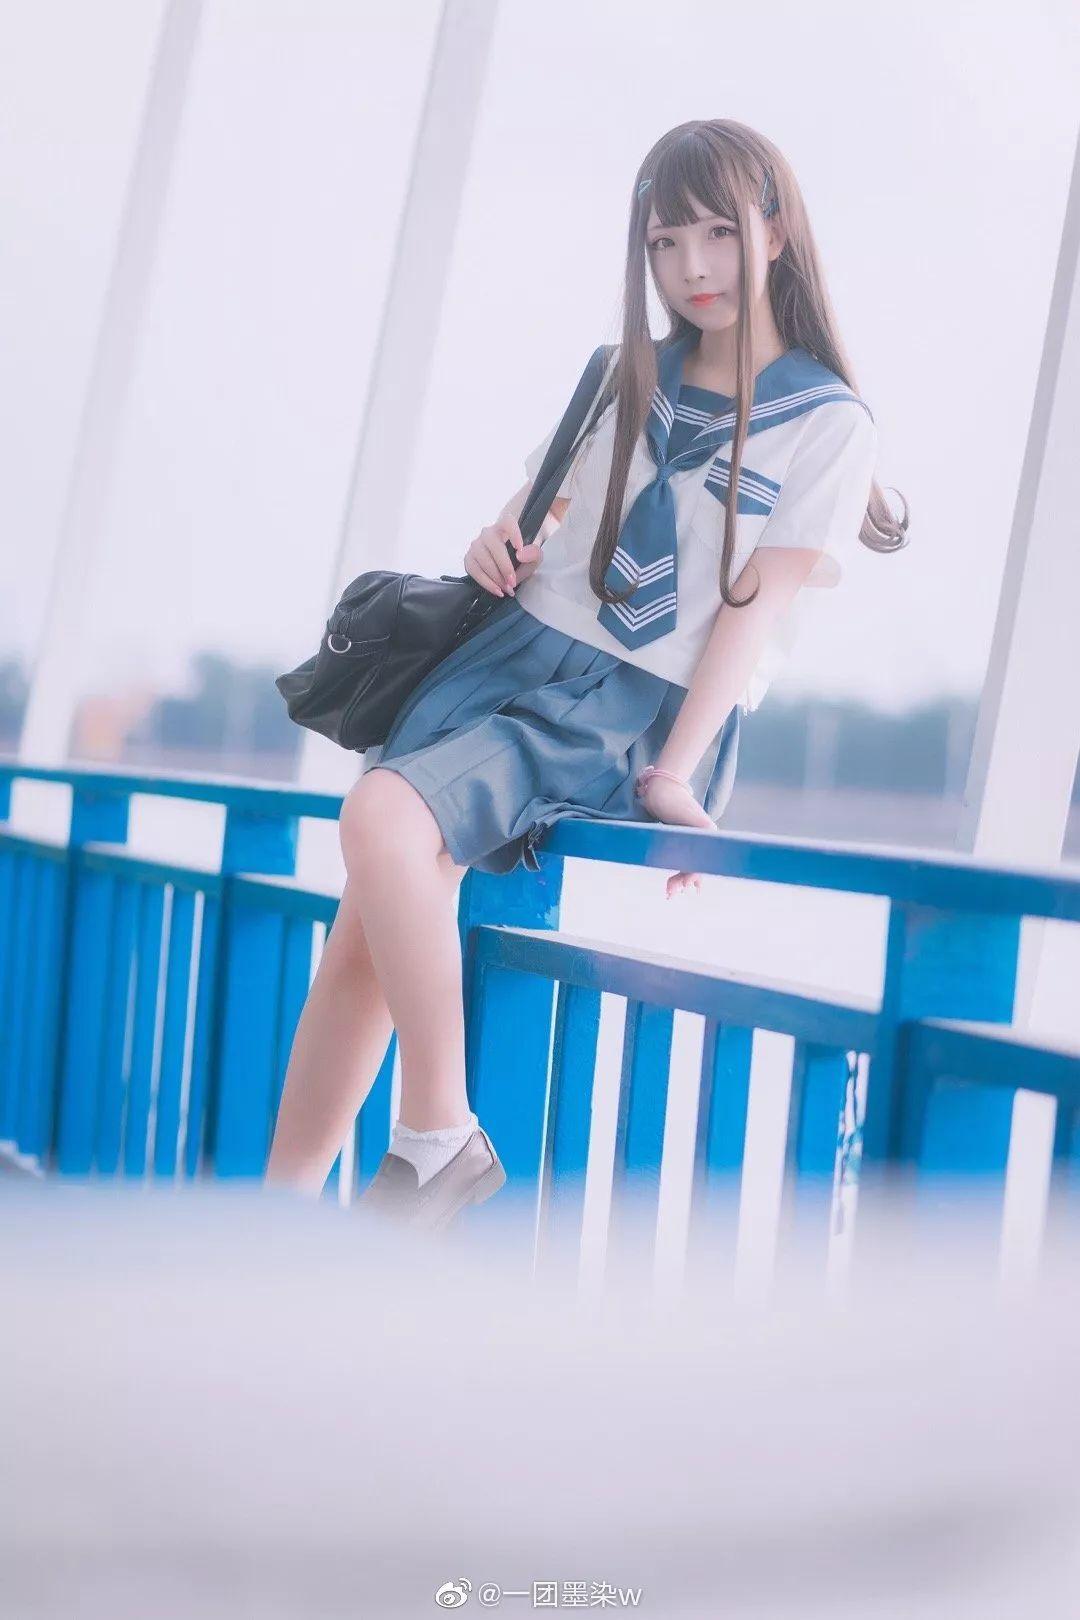 妹子摄影 – 白丝袜连衣裙少女和JK制服元气女孩_图片 No.11